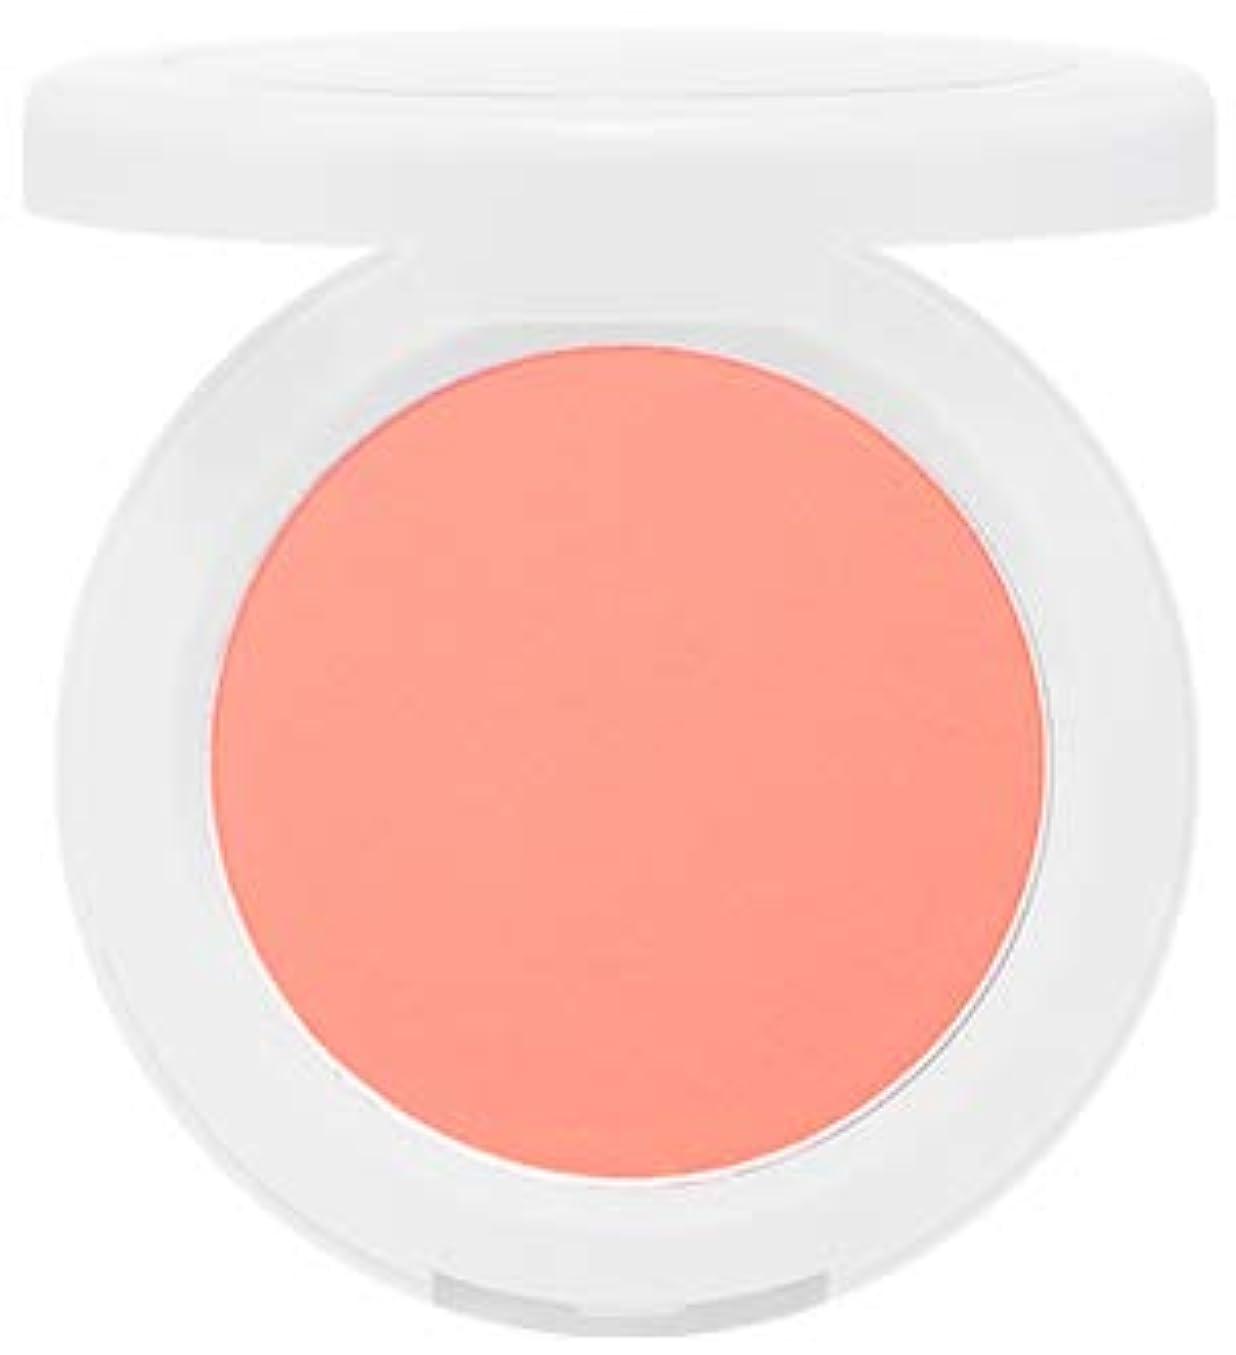 毎年下位一見【APIEU】パステルブラッシャー 4.5g/ Pastel Blusher[Beauti Toppin] CR05